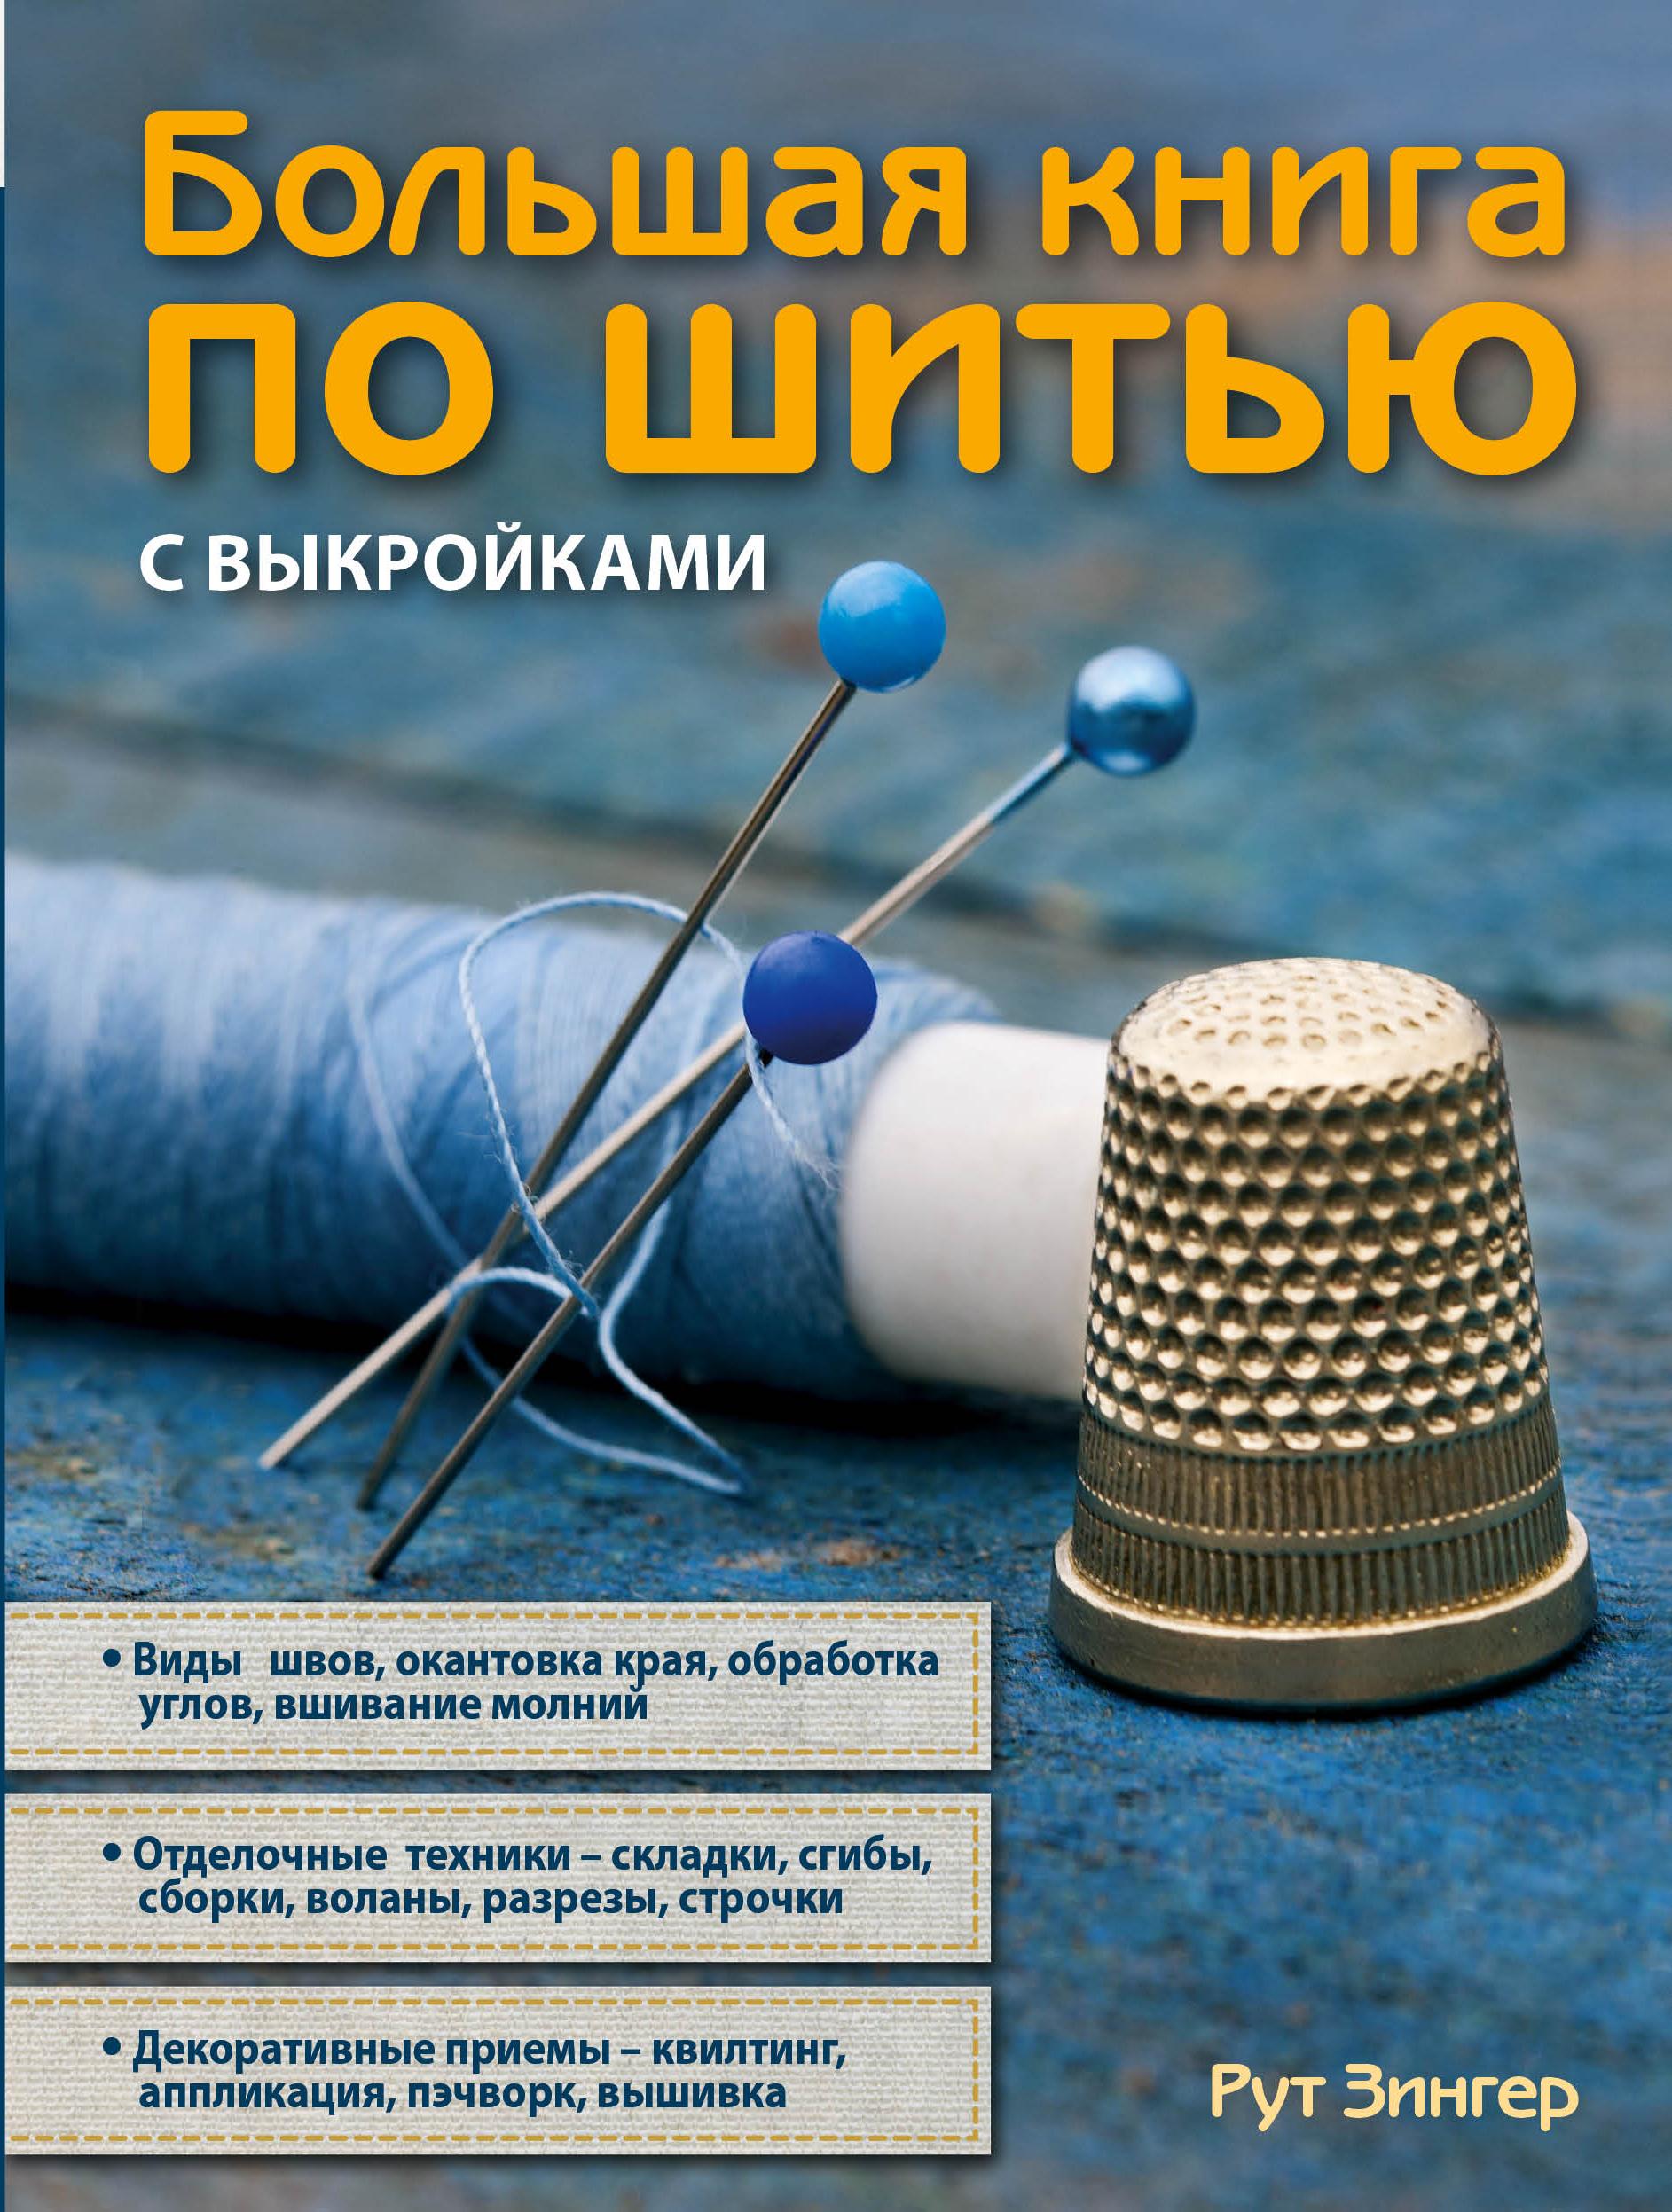 Большая книга по шитью с выкройками (синяя)